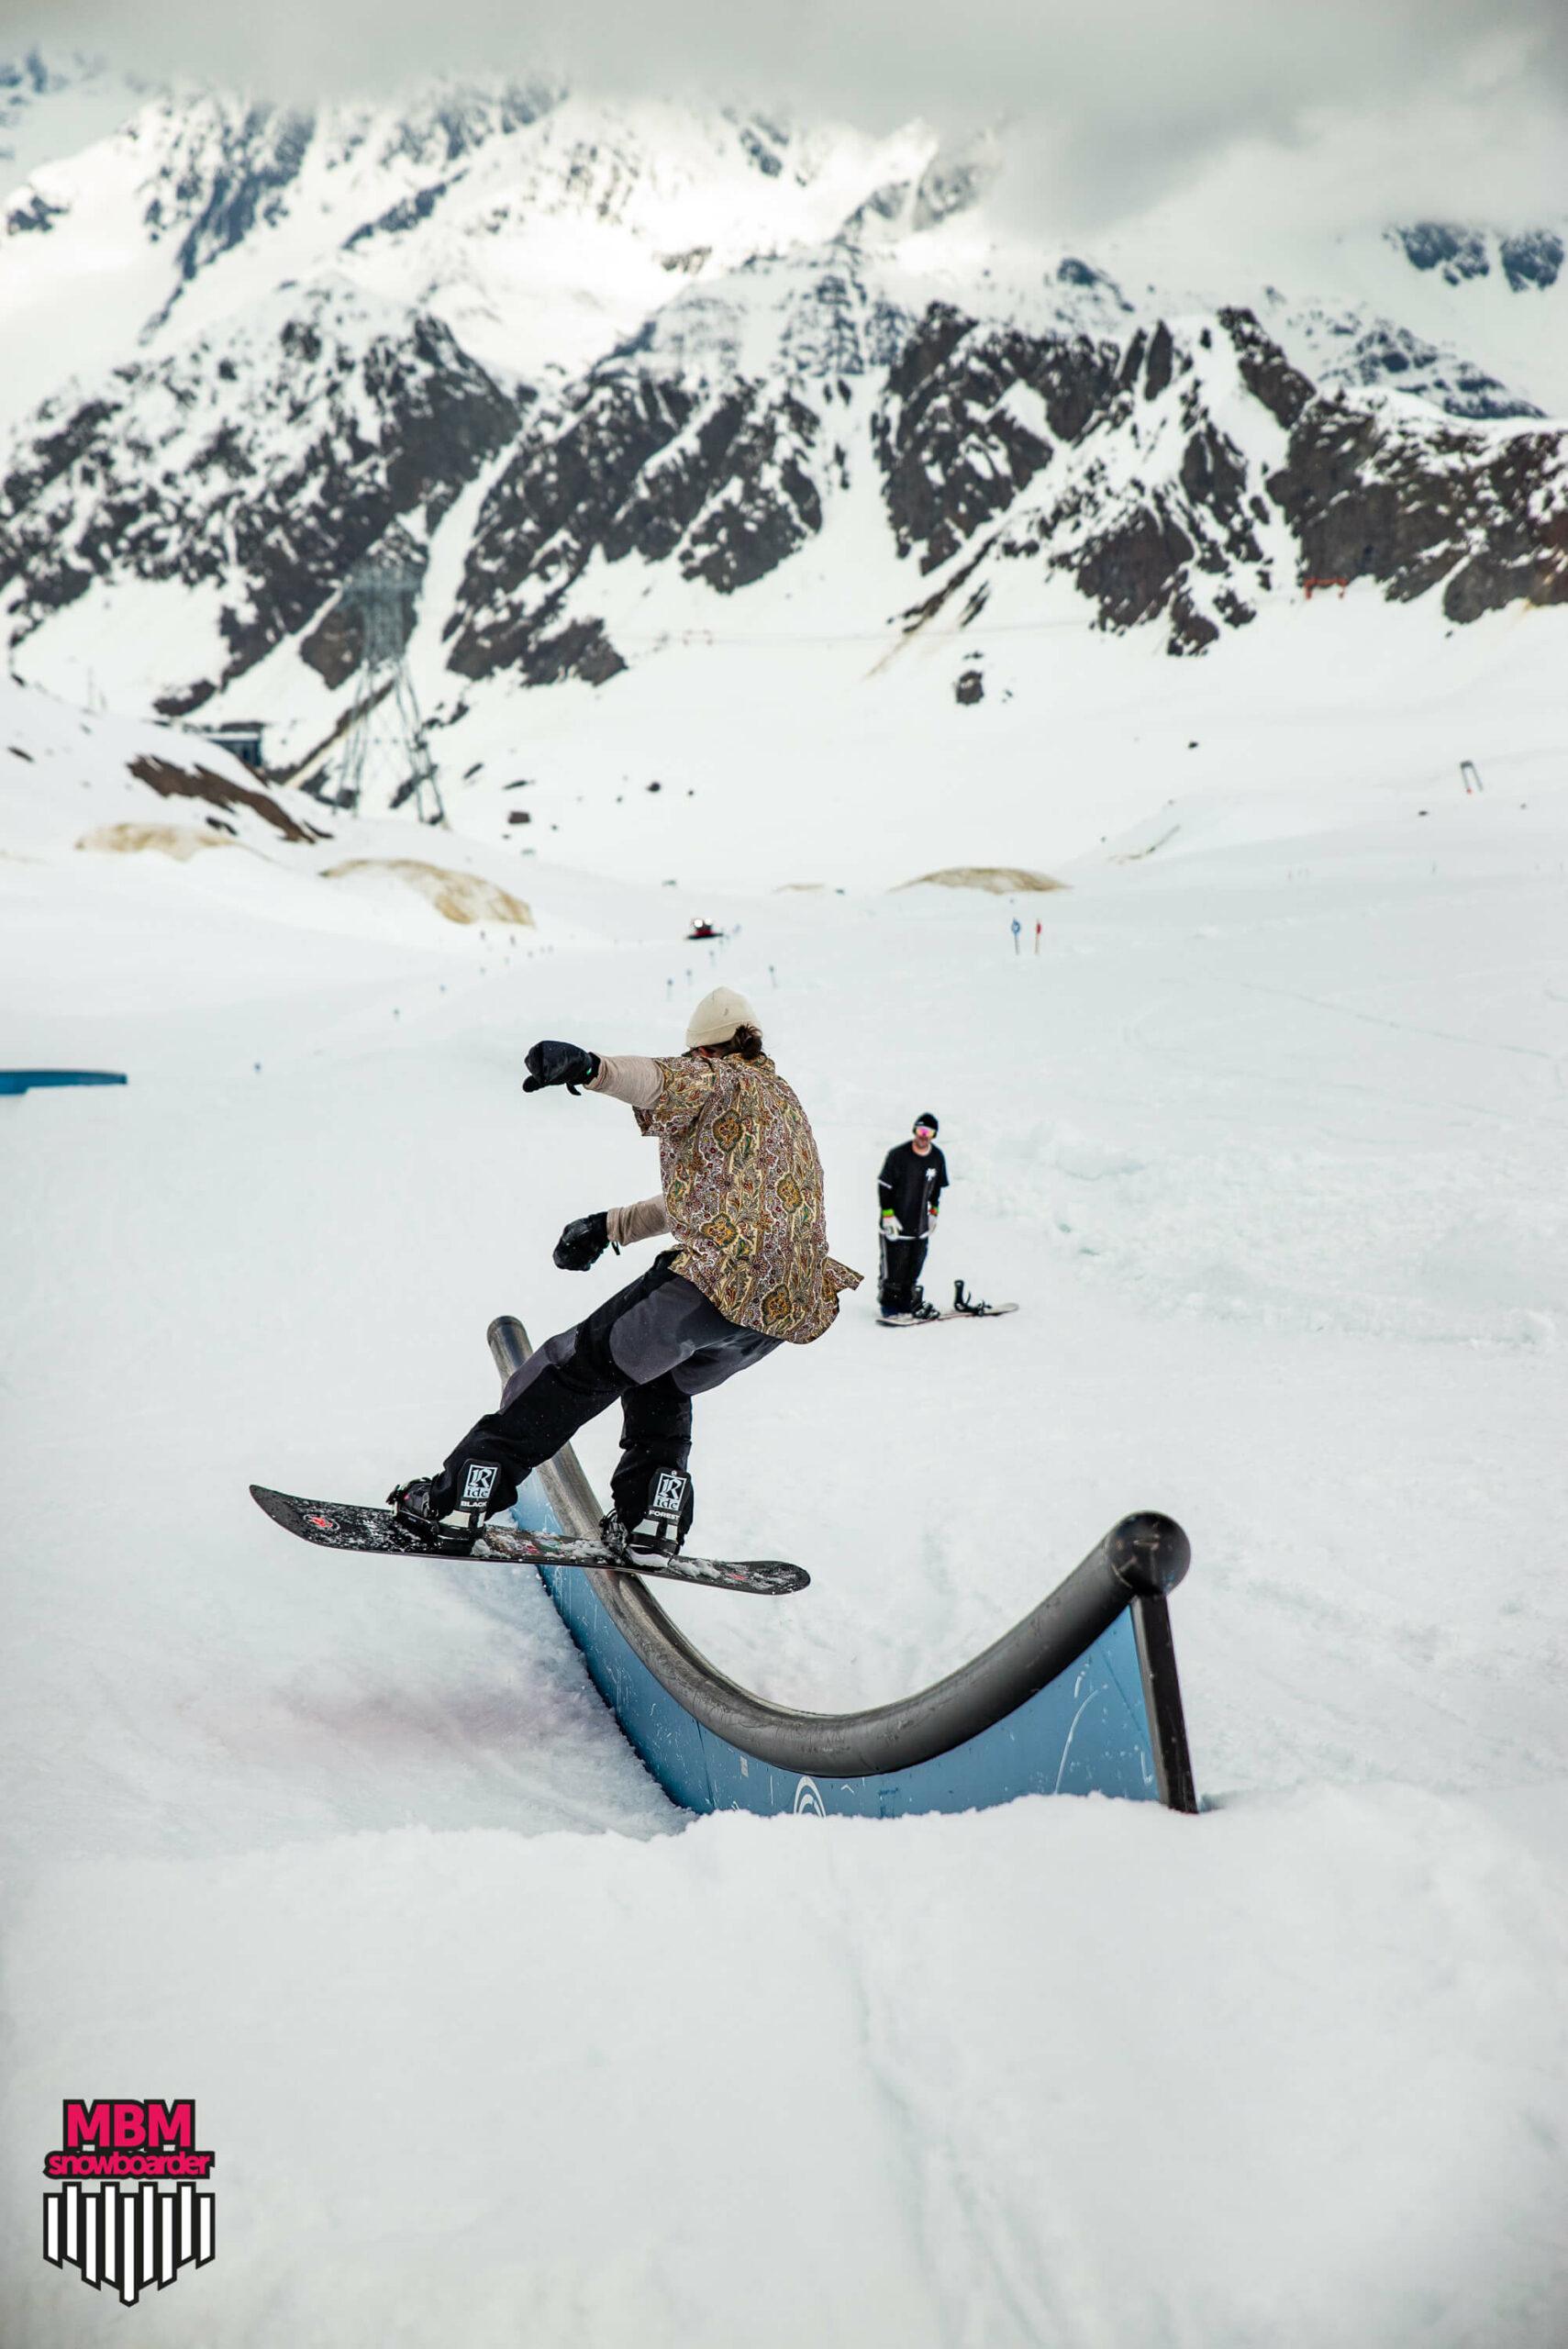 snowboarderMBM_sd_kaunertal_128